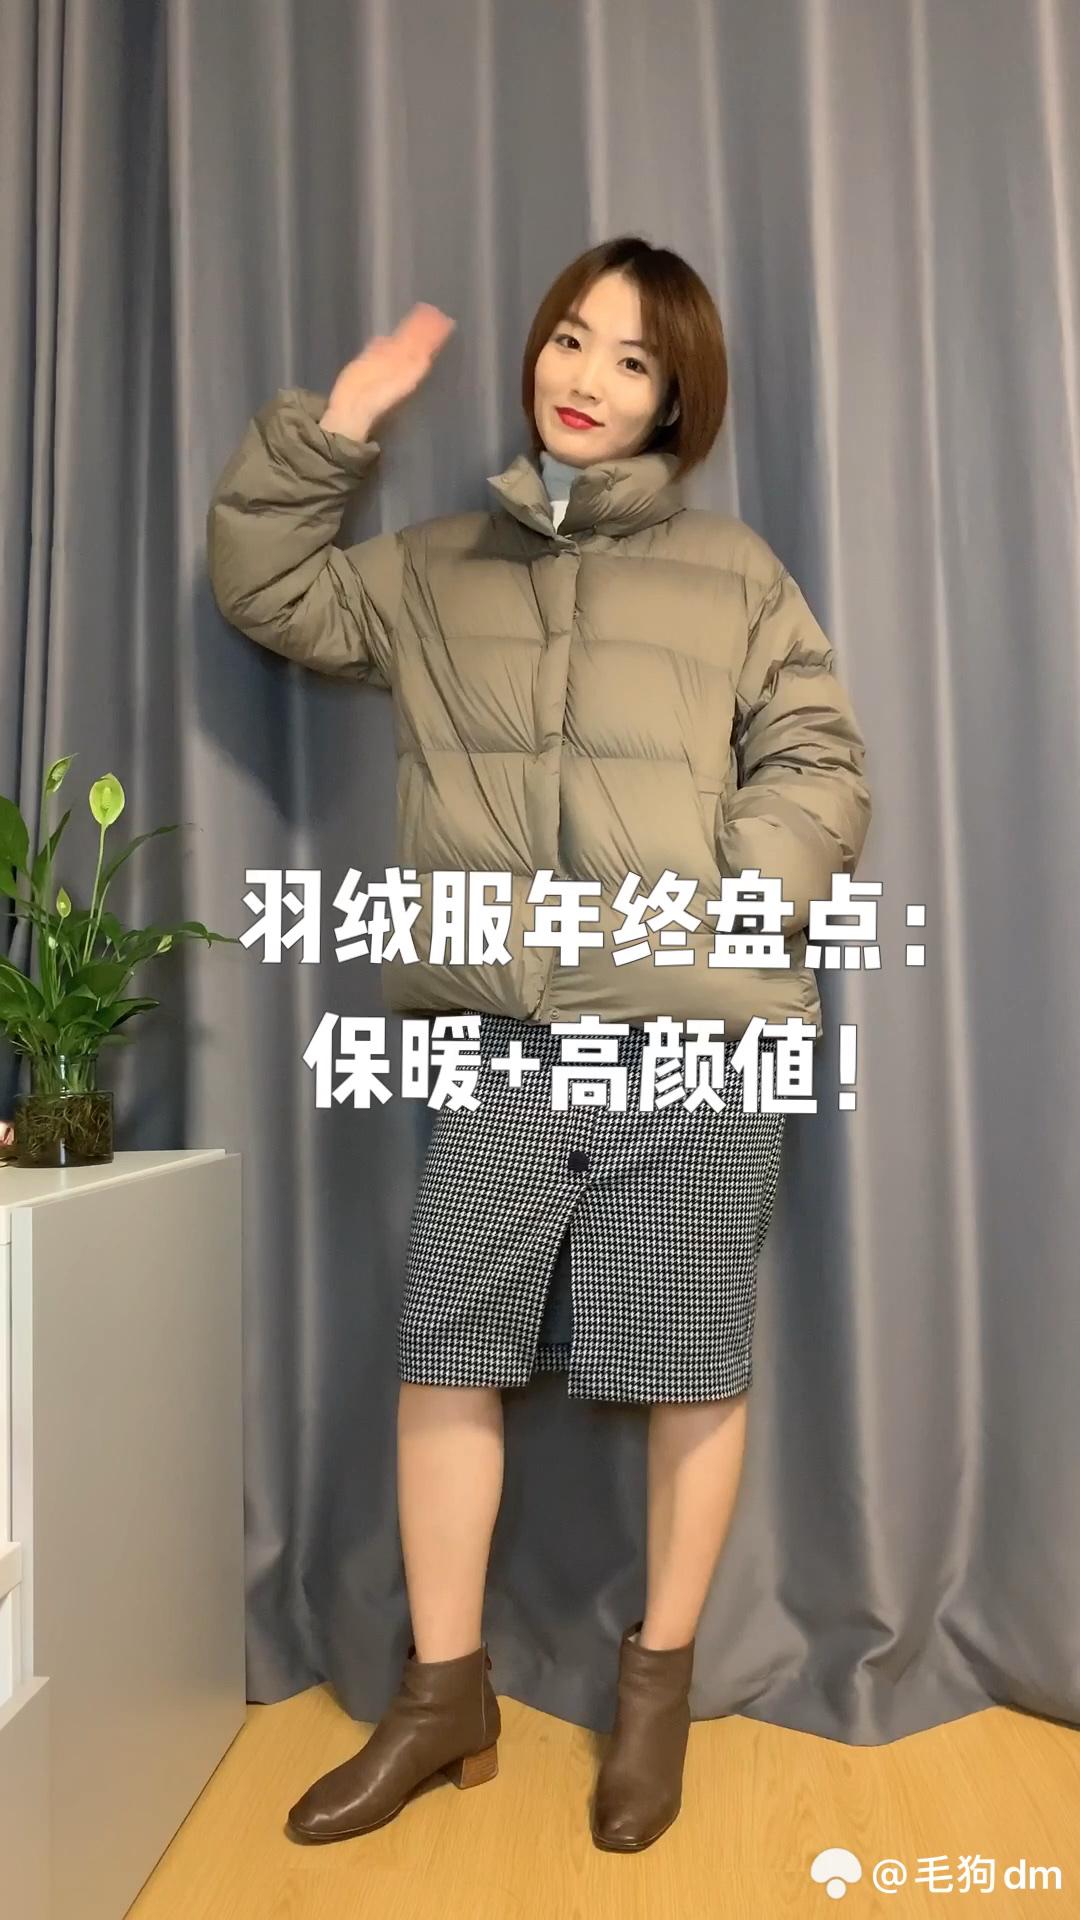 冬季羽绒度怎么选?来试试短款的蓬蓬款吧,不是贴身的,非常有型,看起来整个人都瘦了一圈,选择的颜色和鞋子也很搭呢#被评为今年最保暖的外套#